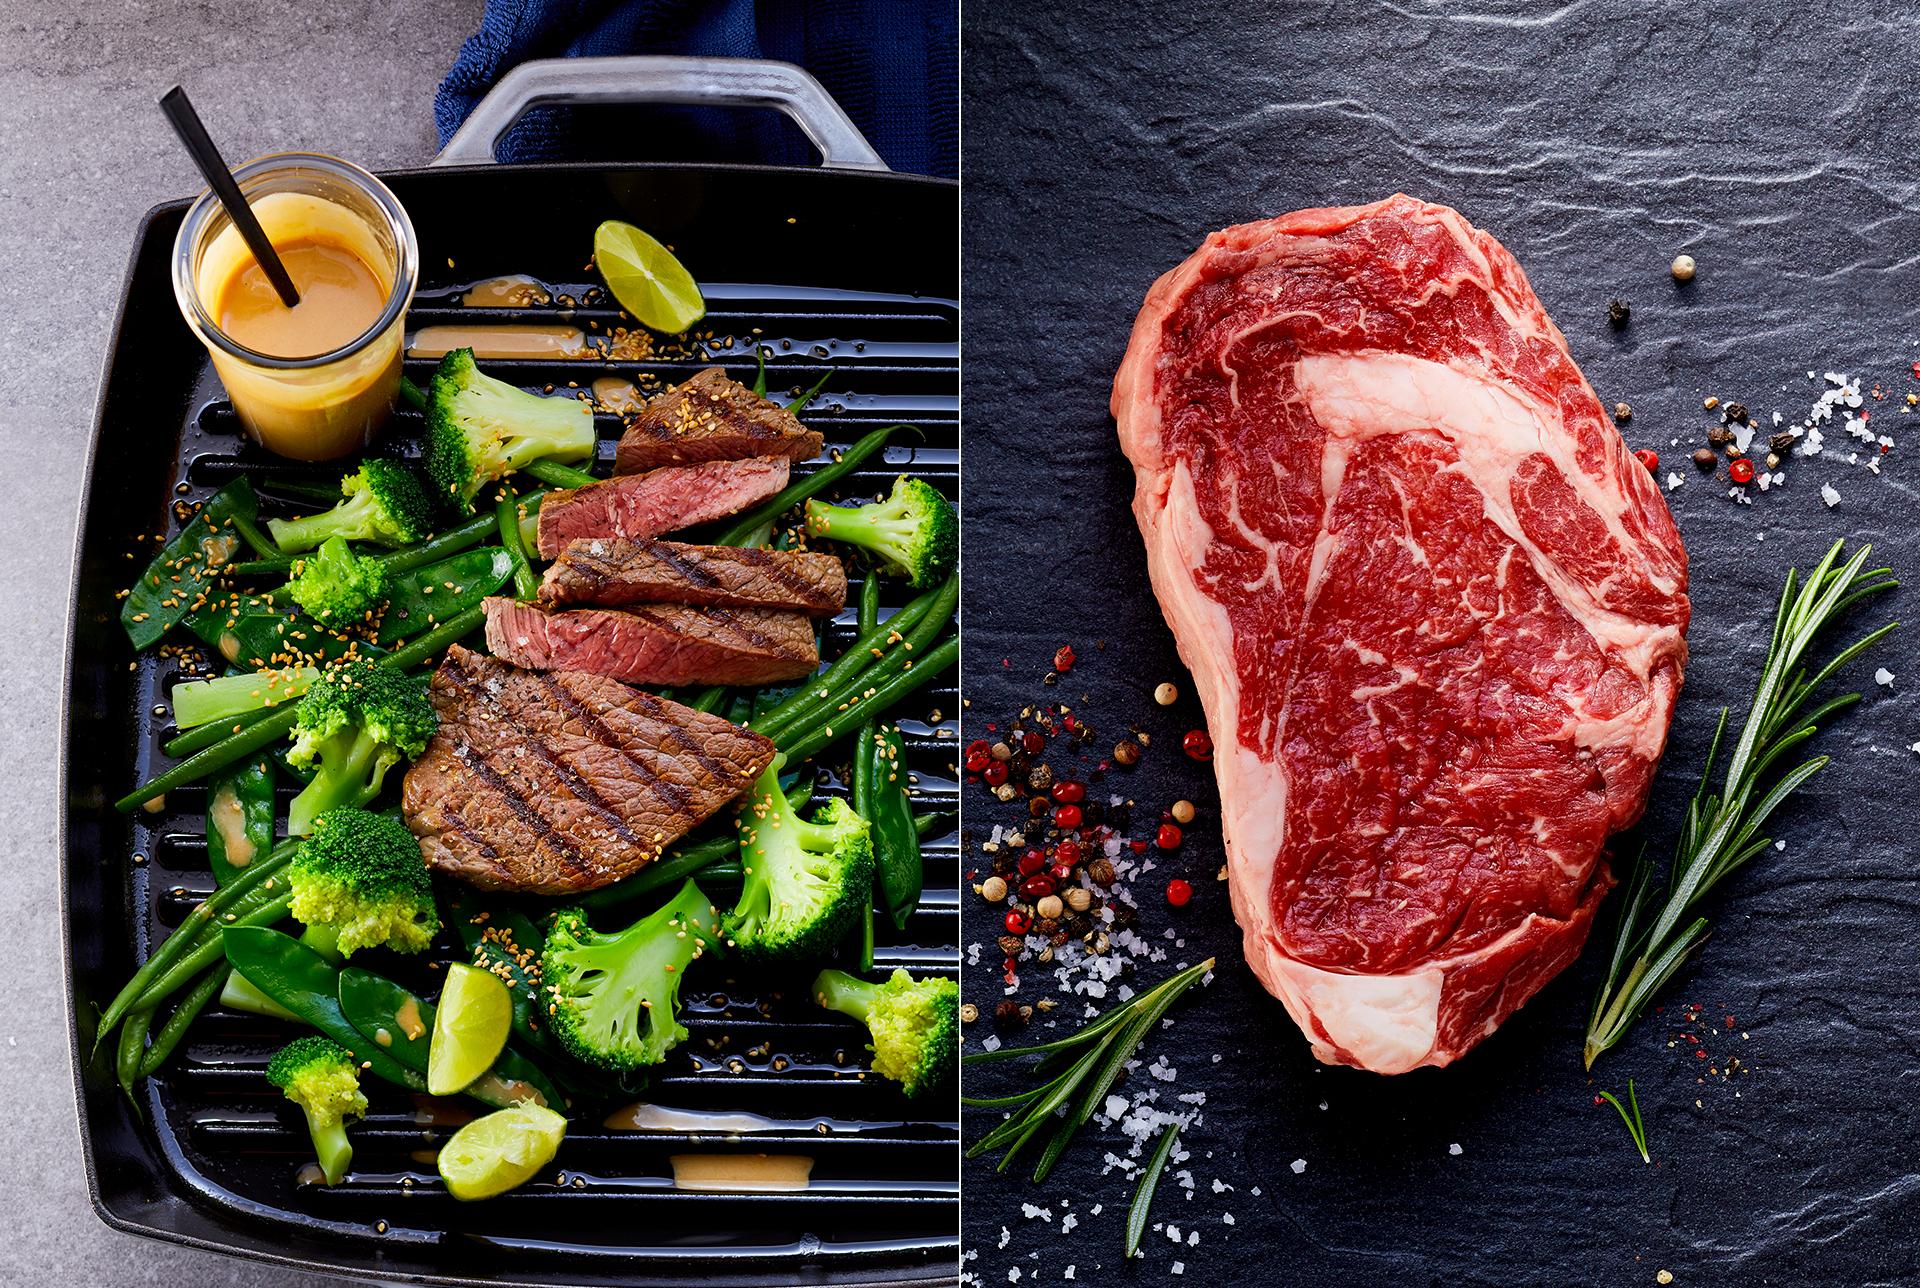 rohes Fleisch auf dunkler Schieferplatte mit buntem Pfeffer, Salz und Rosmarin. gebratenes Steak mit Brokkoli, Erbsen und Zuckerschoten in einer Gusseisernen Pfanne mit Erdnusssauce